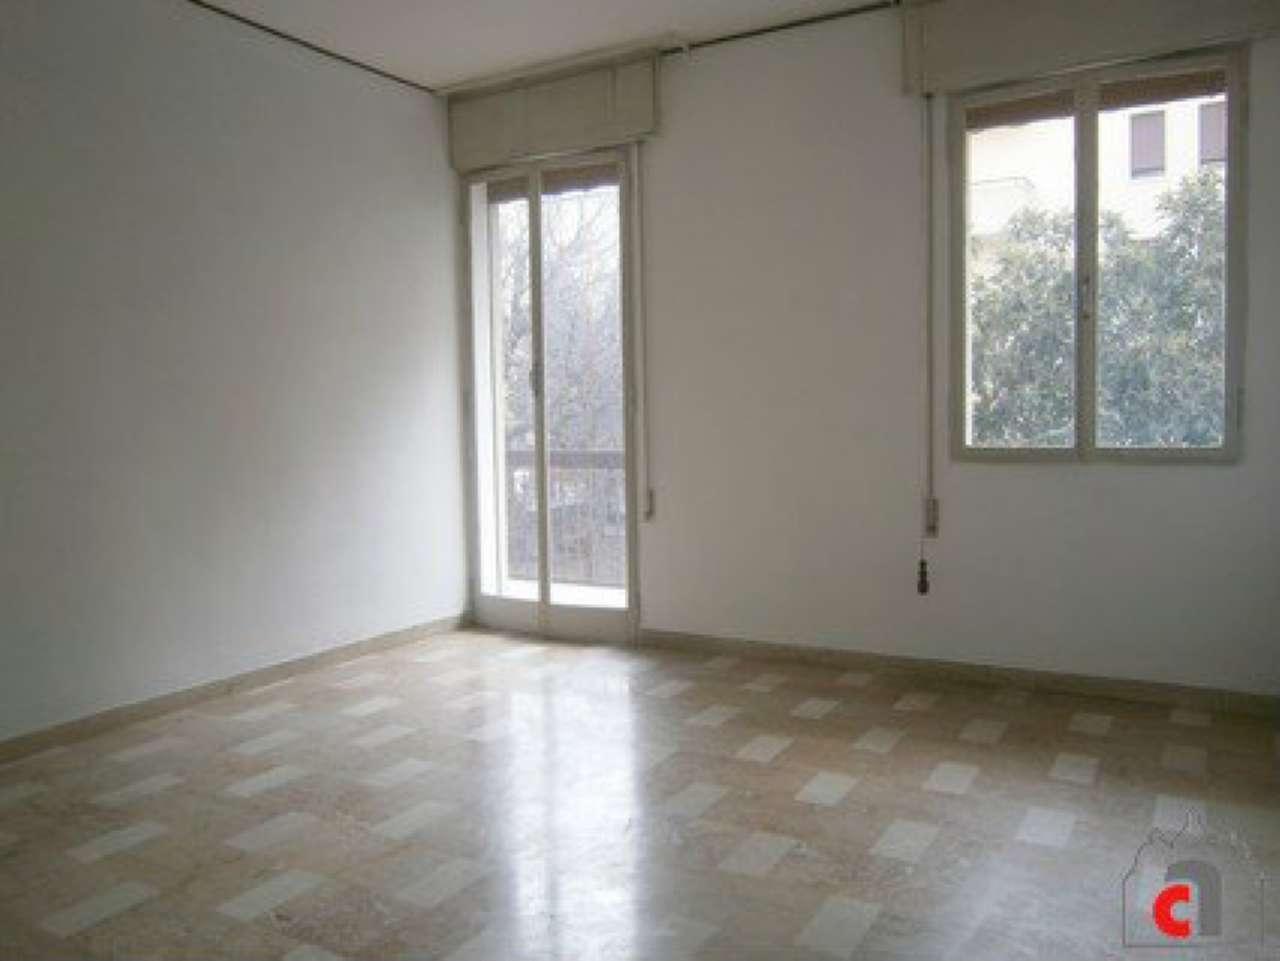 Appartamento in vendita a Padova, 4 locali, zona Zona: 5 . Sud-Ovest (Armistizio-Savonarola), prezzo € 80.000 | Cambio Casa.it